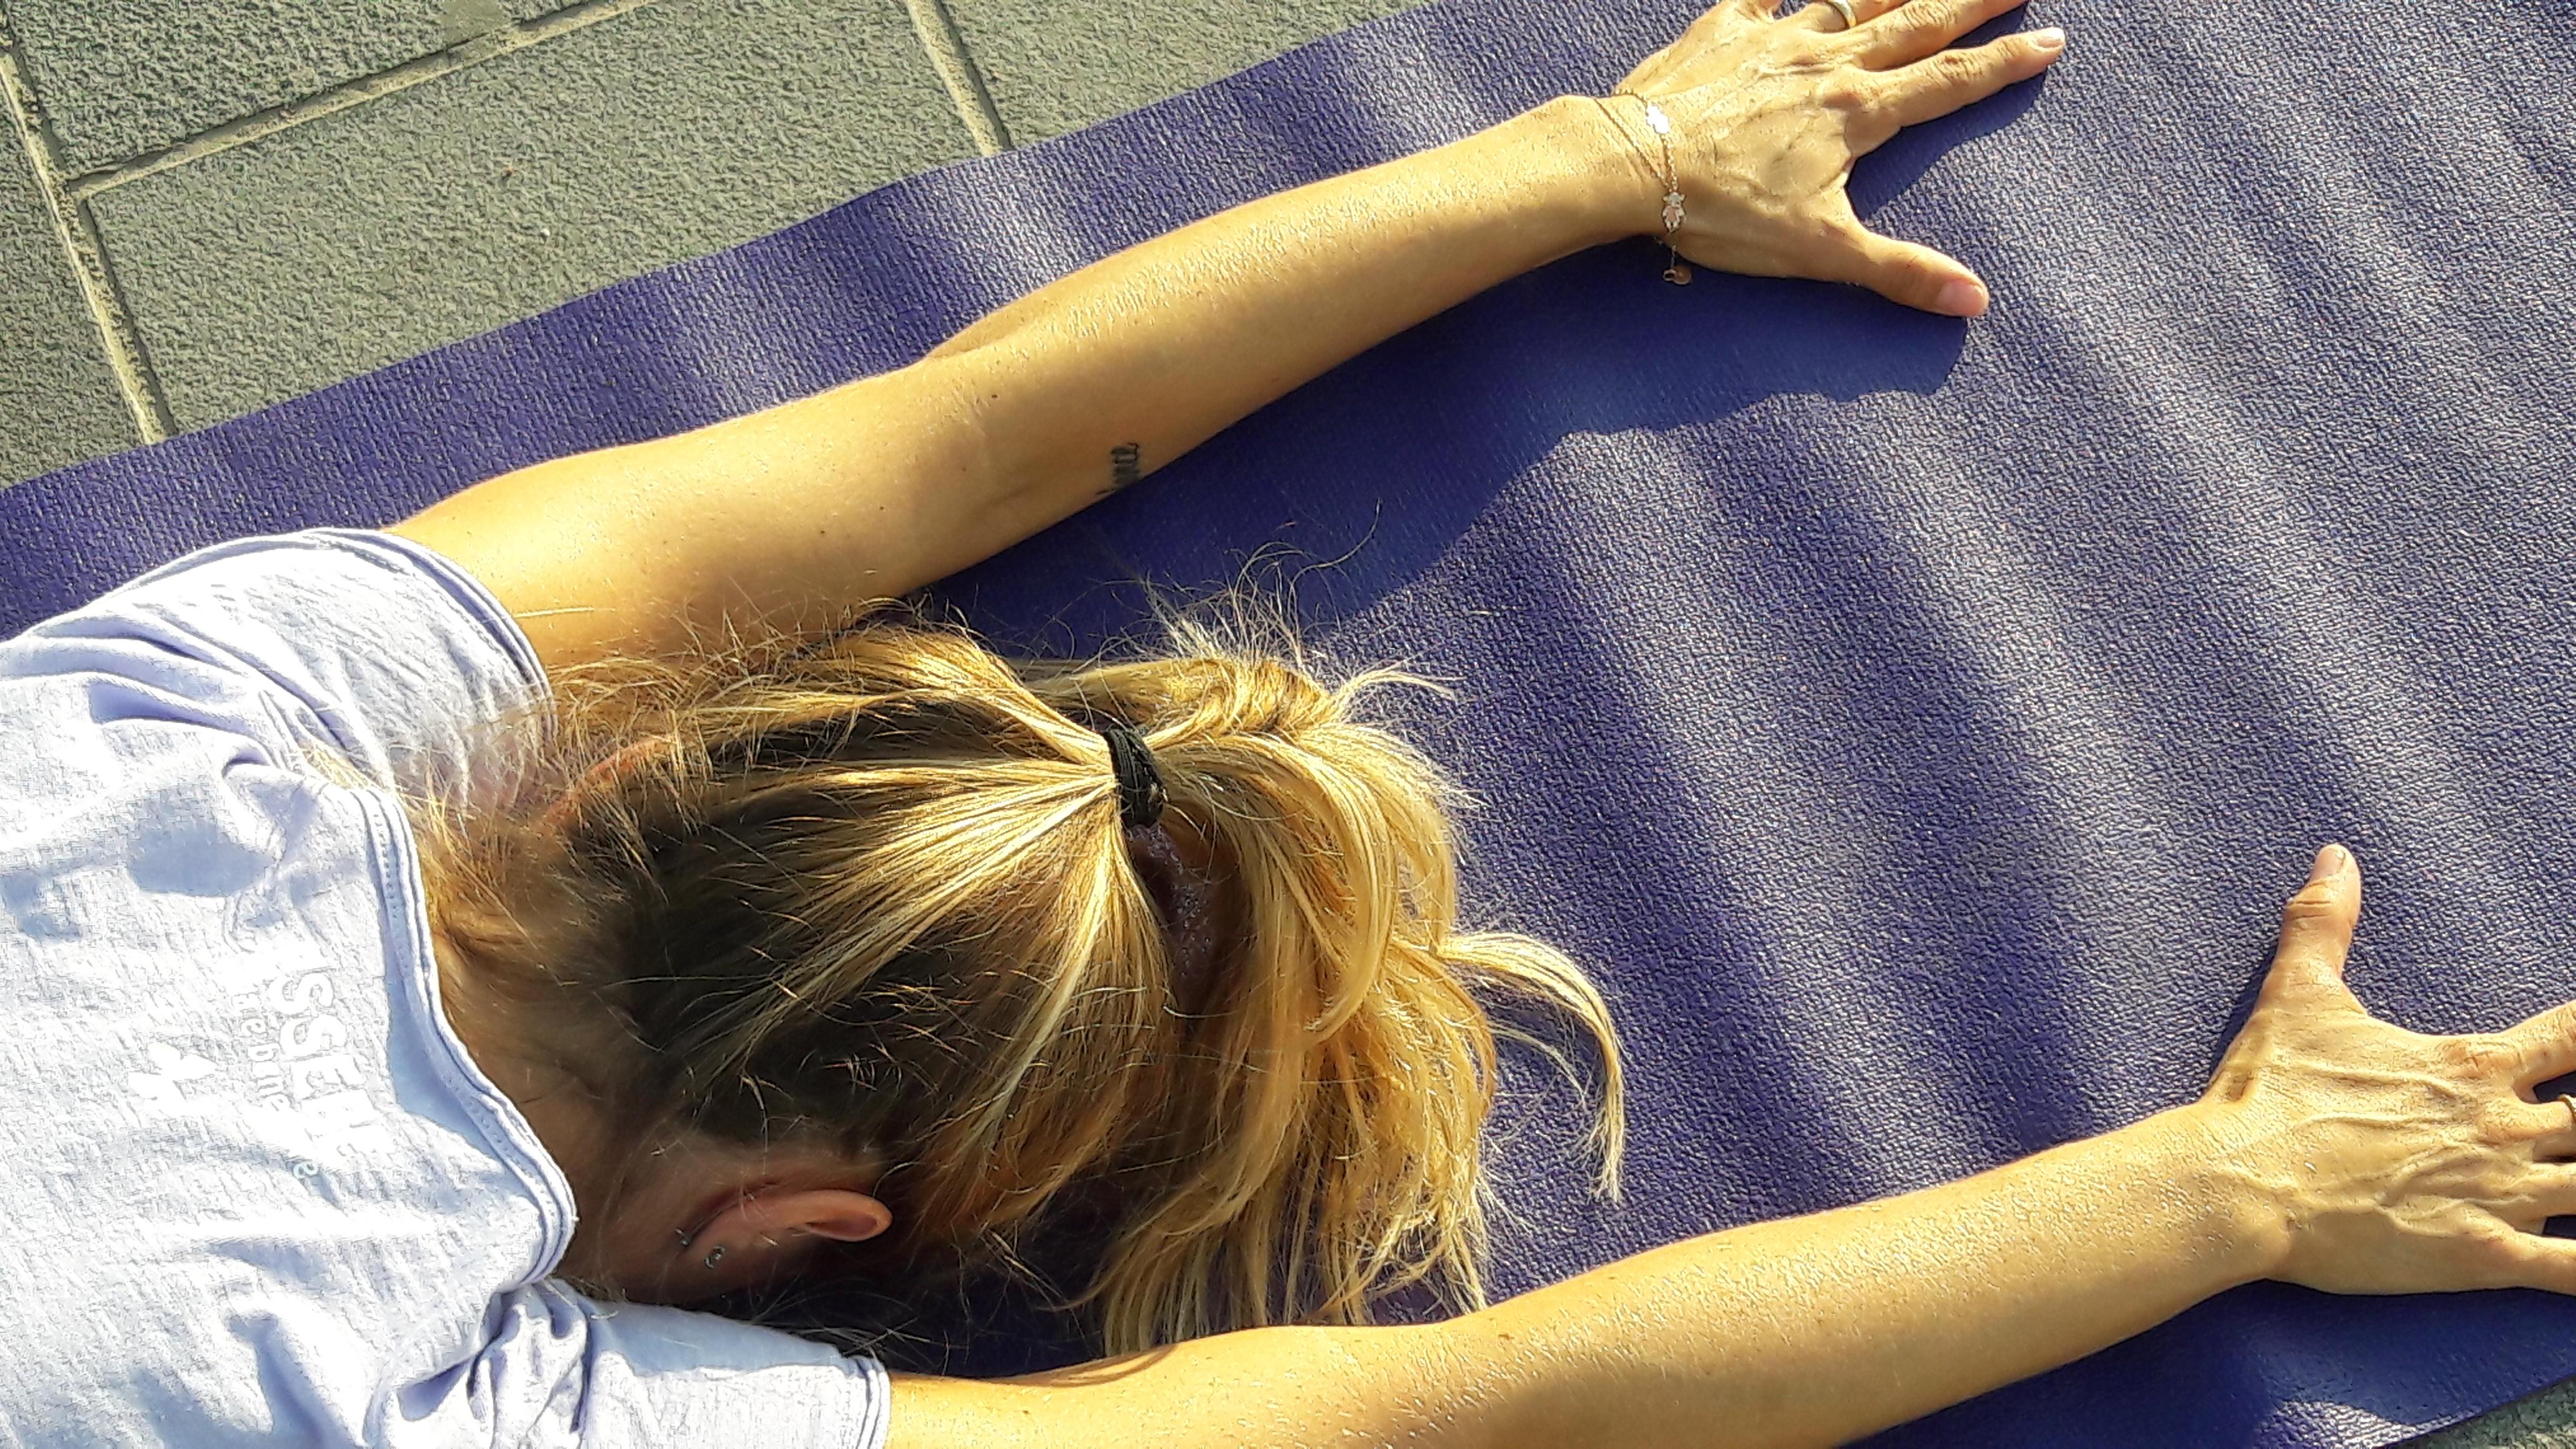 1_essere-free-yoga-gratuito-benessere-per-tutti-village-citta-alassio-estate-lucia-ragazzi-summer-town-wellness-105